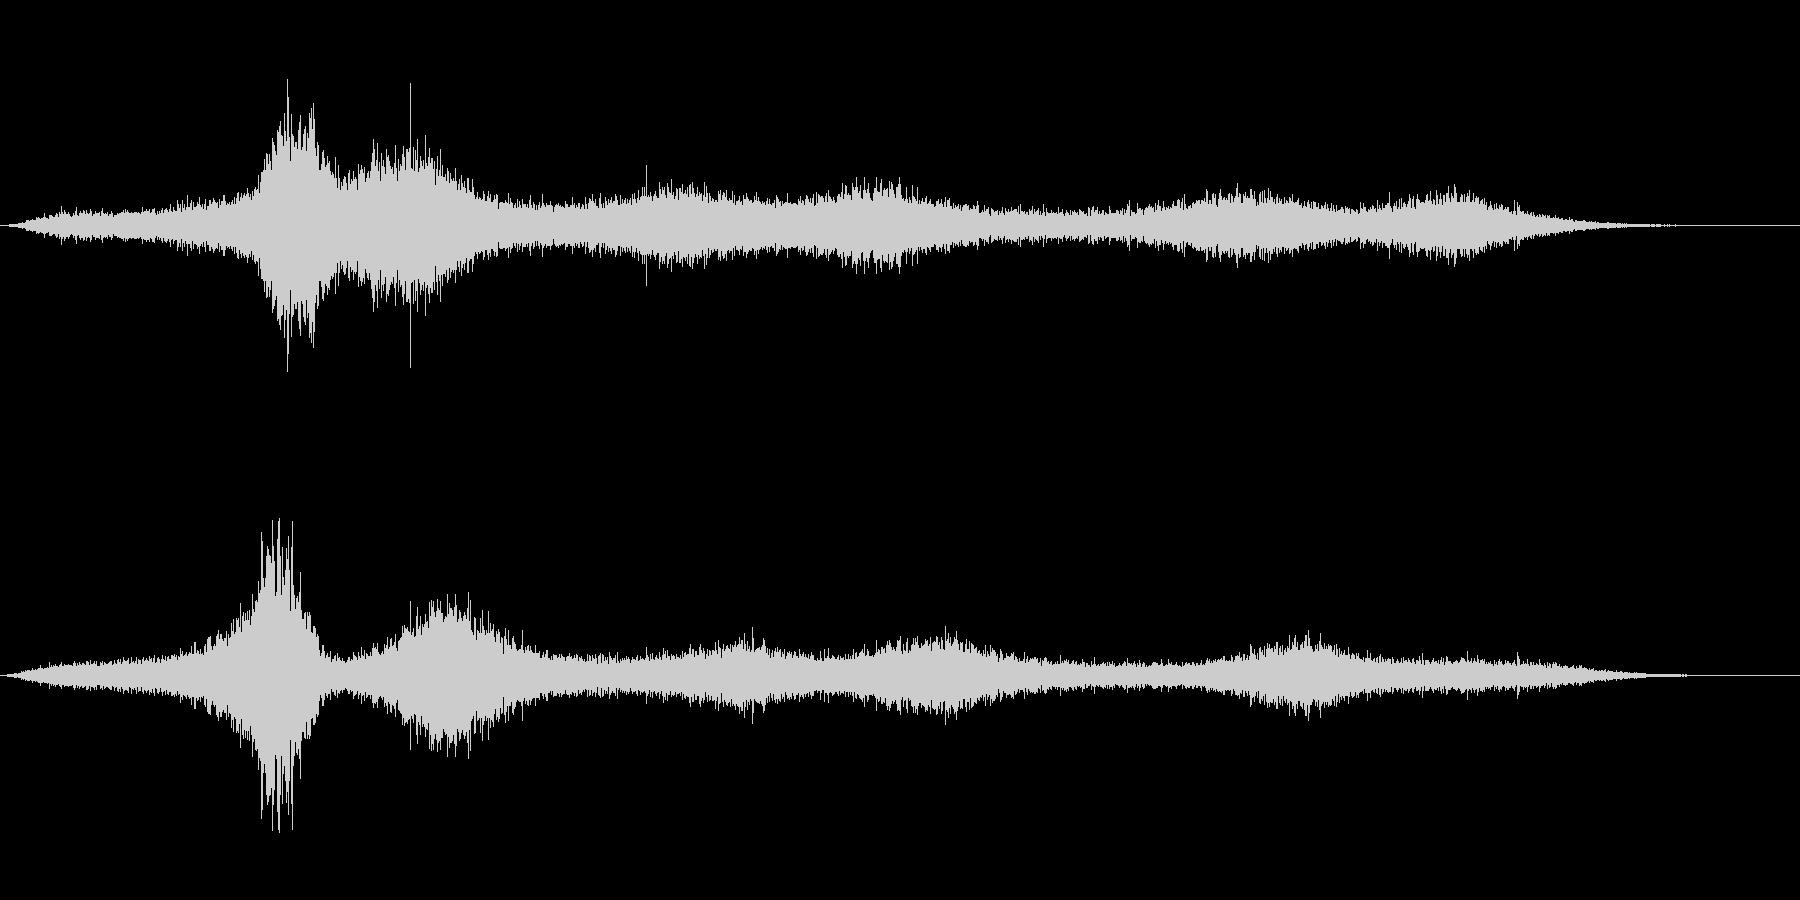 【生録音】 早朝の街 交通 環境音 15の未再生の波形